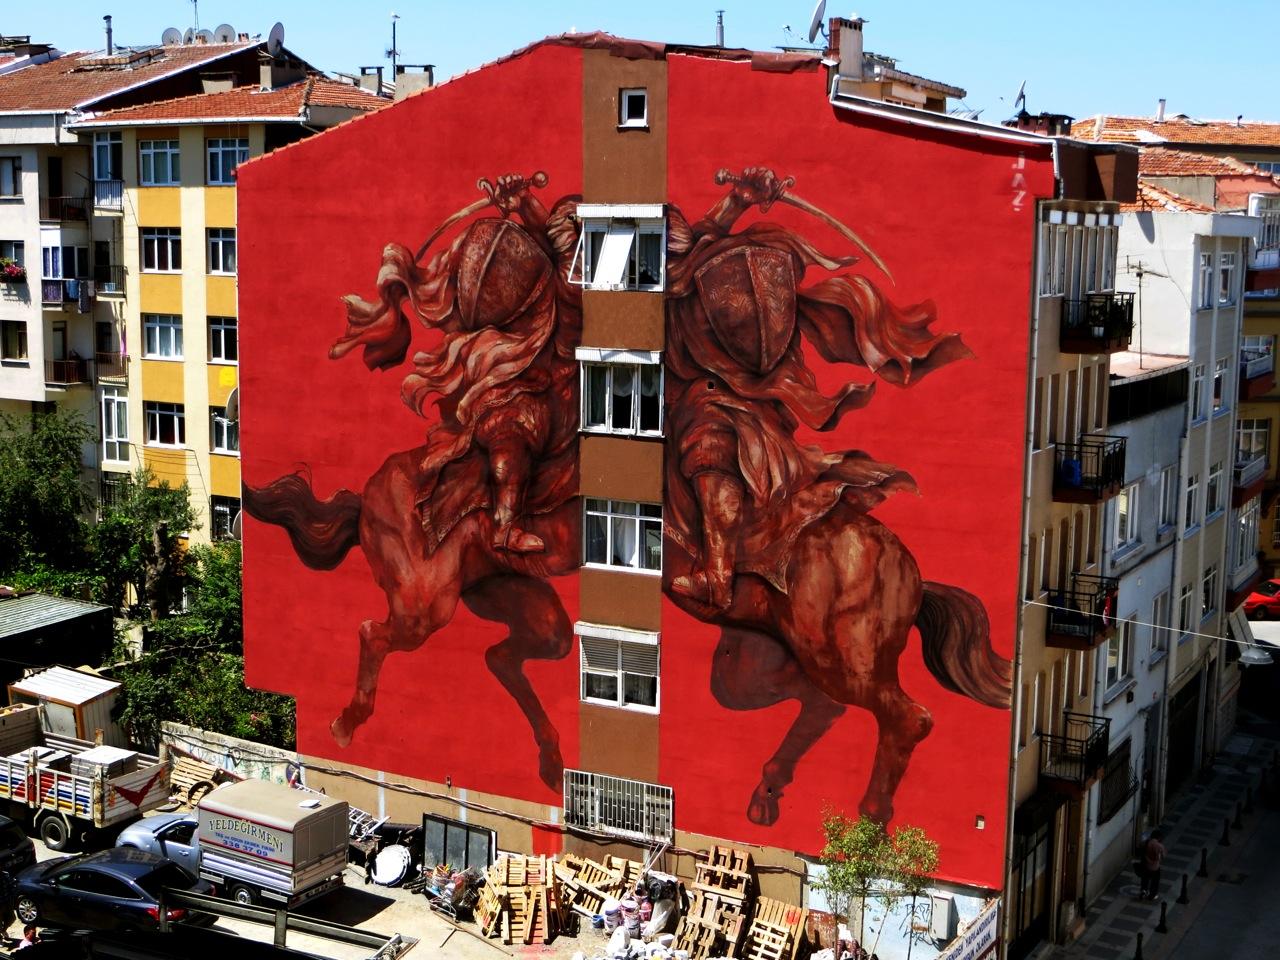 jaz-new-mural-for-mural-ist-festival-01